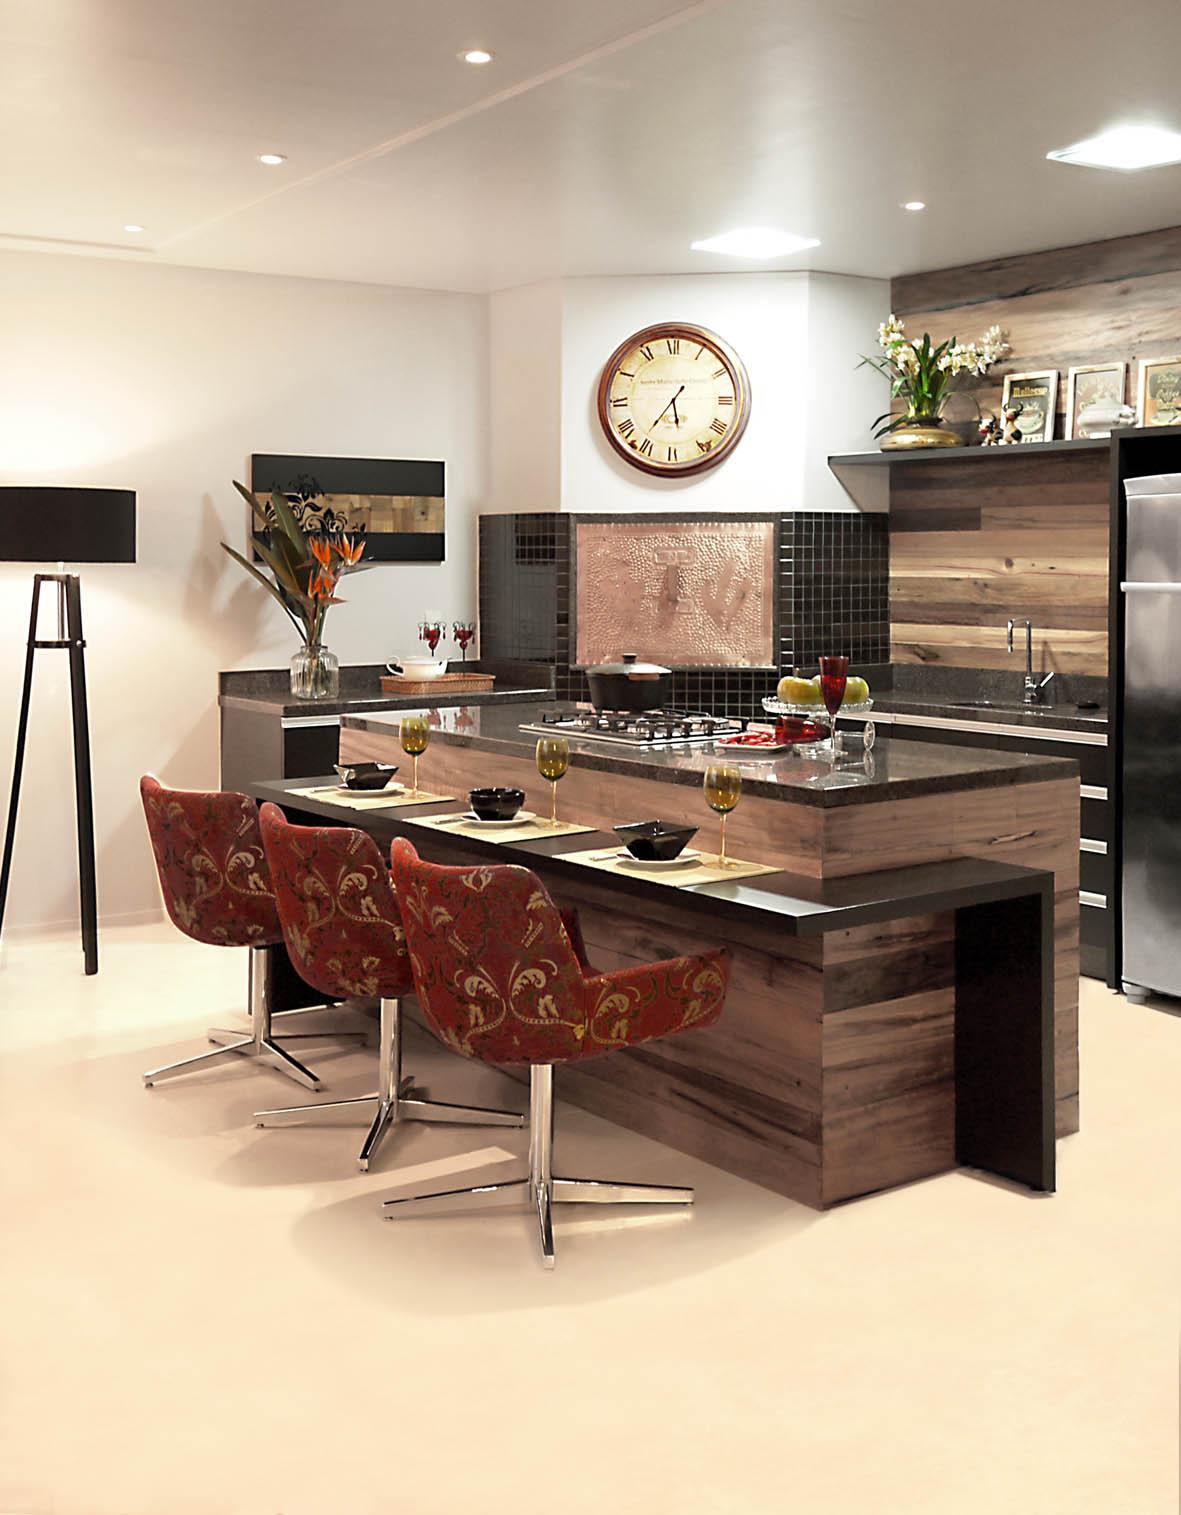 #A94122 Atelier de Arquitetura Arquitetura de qualidade no Alto Vale 1181x1515 px Balcao Mesa Para Cozinha Americana #1143 imagens